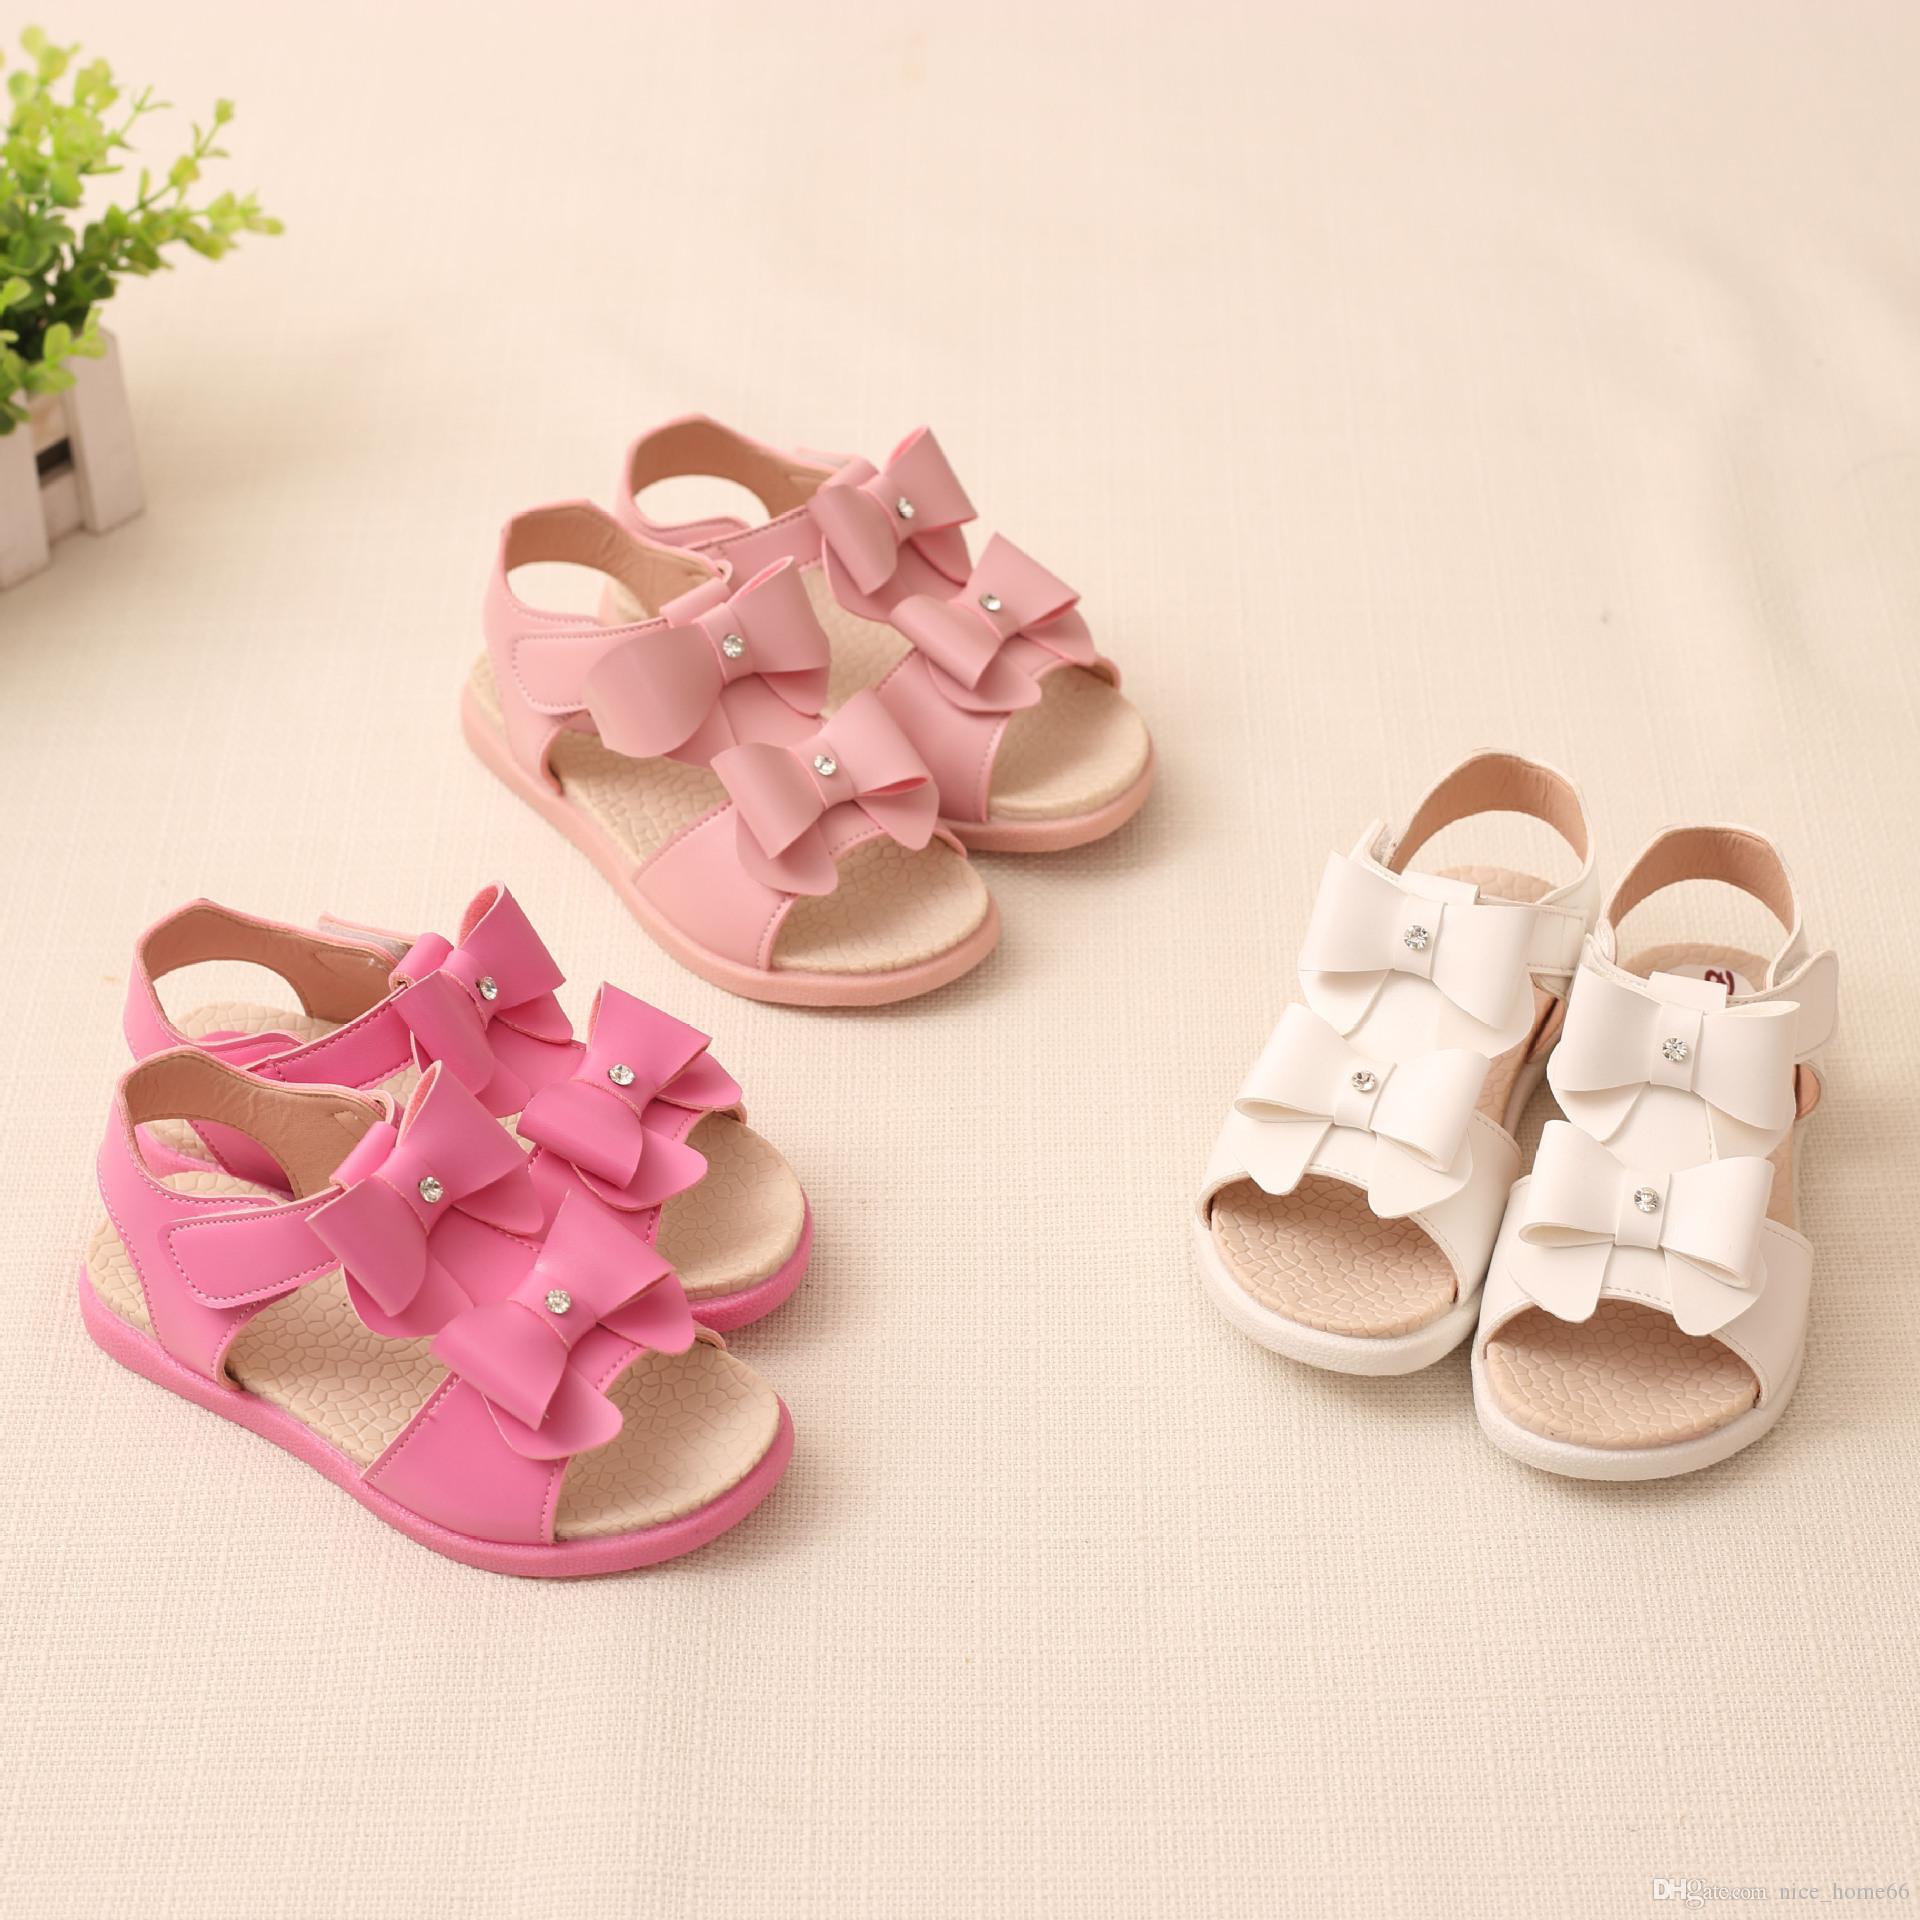 48c8a02bf Compre Sandalia Para Niñas Pajarita Zapatos De Princesa Zapatos De Bebé Sandalias  Para Niños Zapatos Para Niños Sandalias De Verano Para Niñas Calzado Para  ...